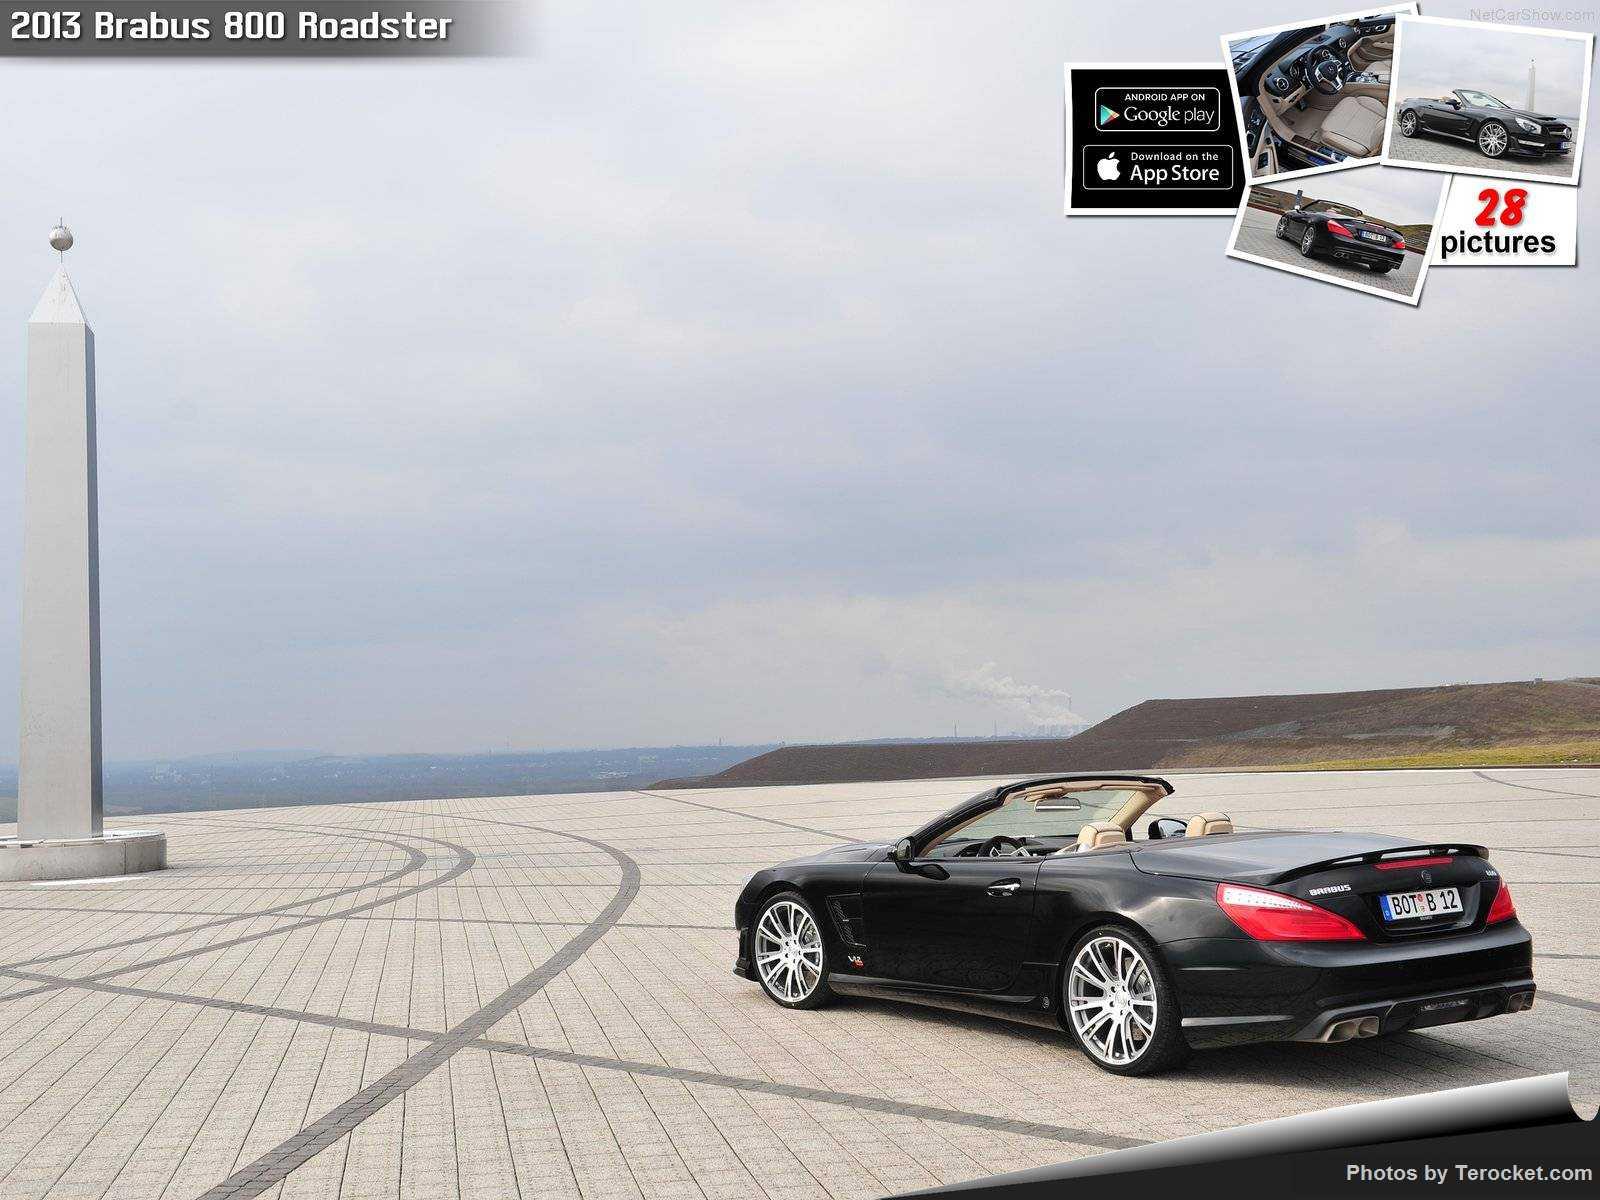 Hình ảnh xe ô tô Brabus 800 Roadster 2013 & nội ngoại thất